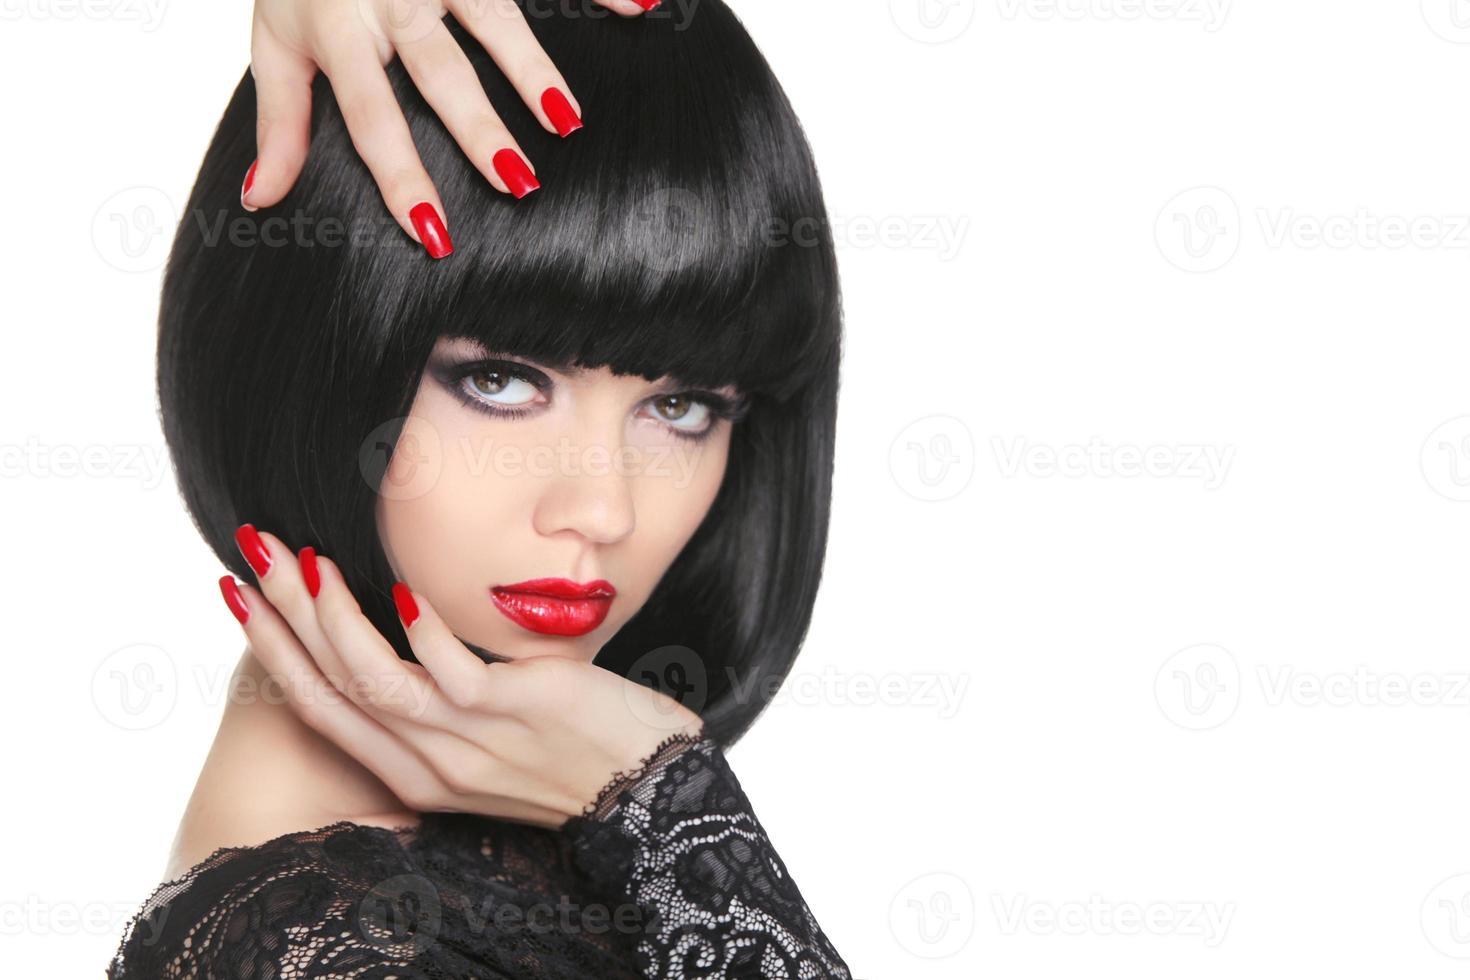 ongles manucurés. portrait de jeune fille de beauté. lèvres rouges. dos court bob photo